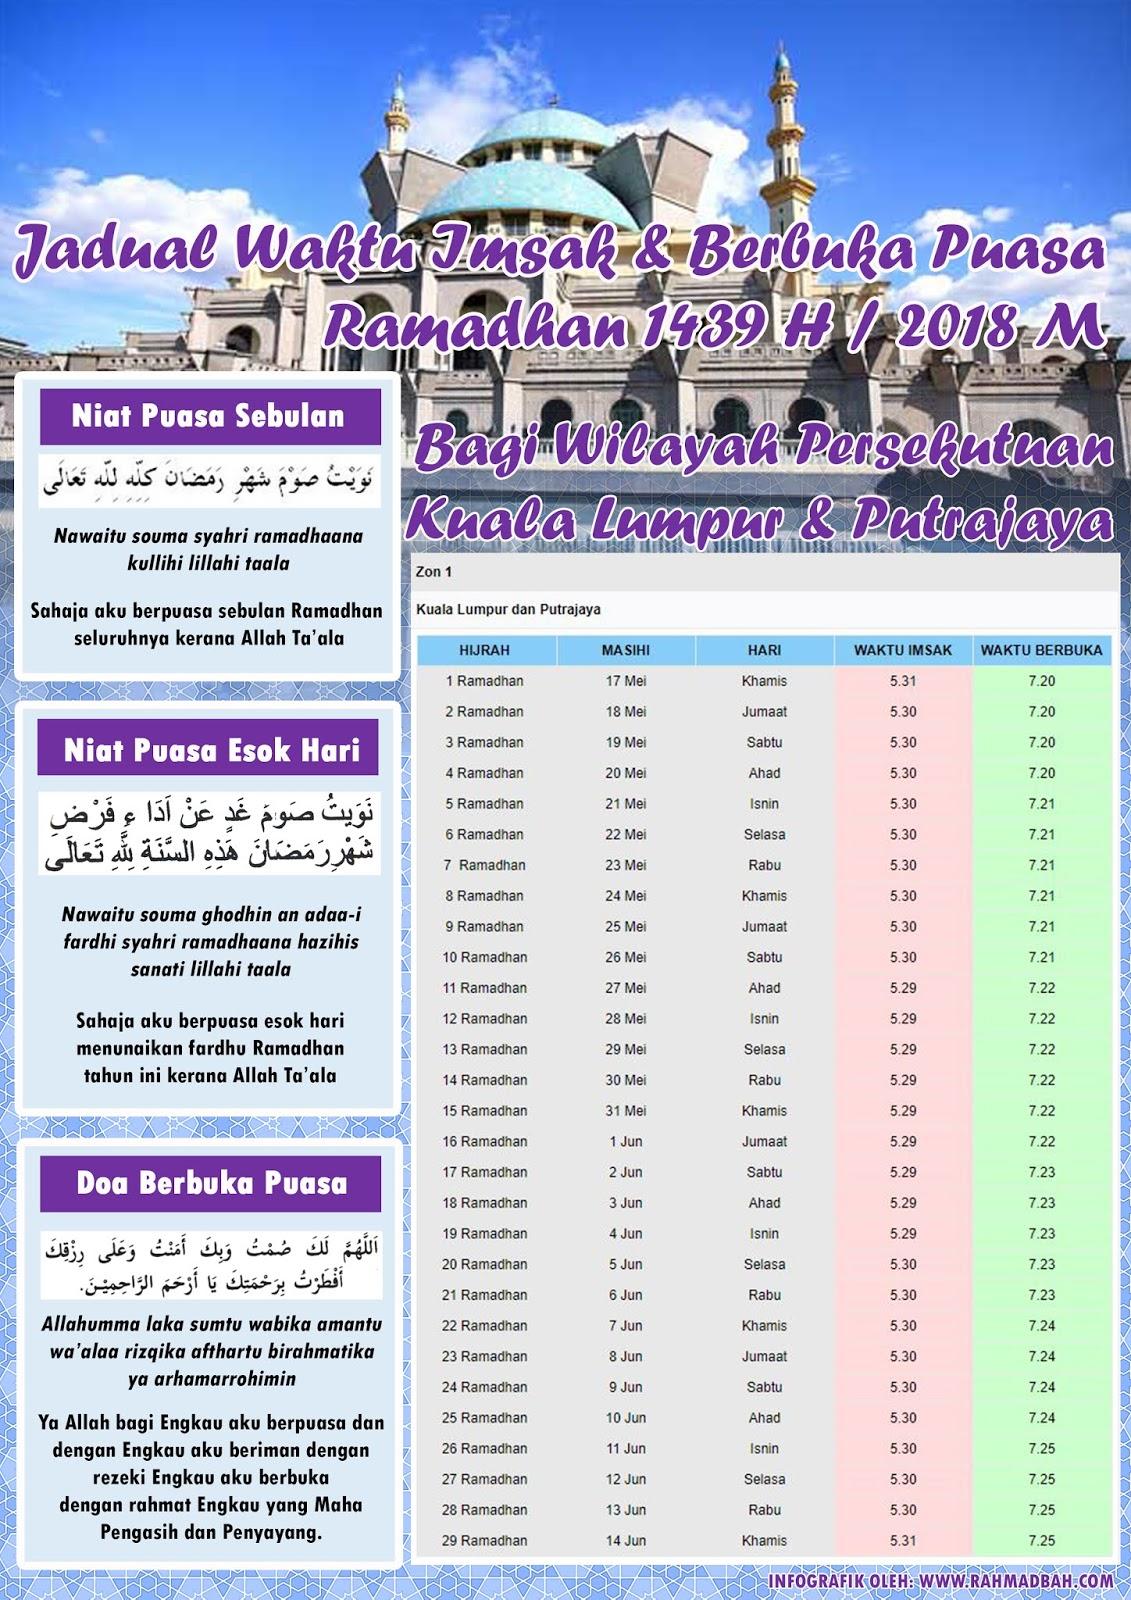 Waktu Berbuka & Imsak Kuala Lumpur & Putrajaya 2018